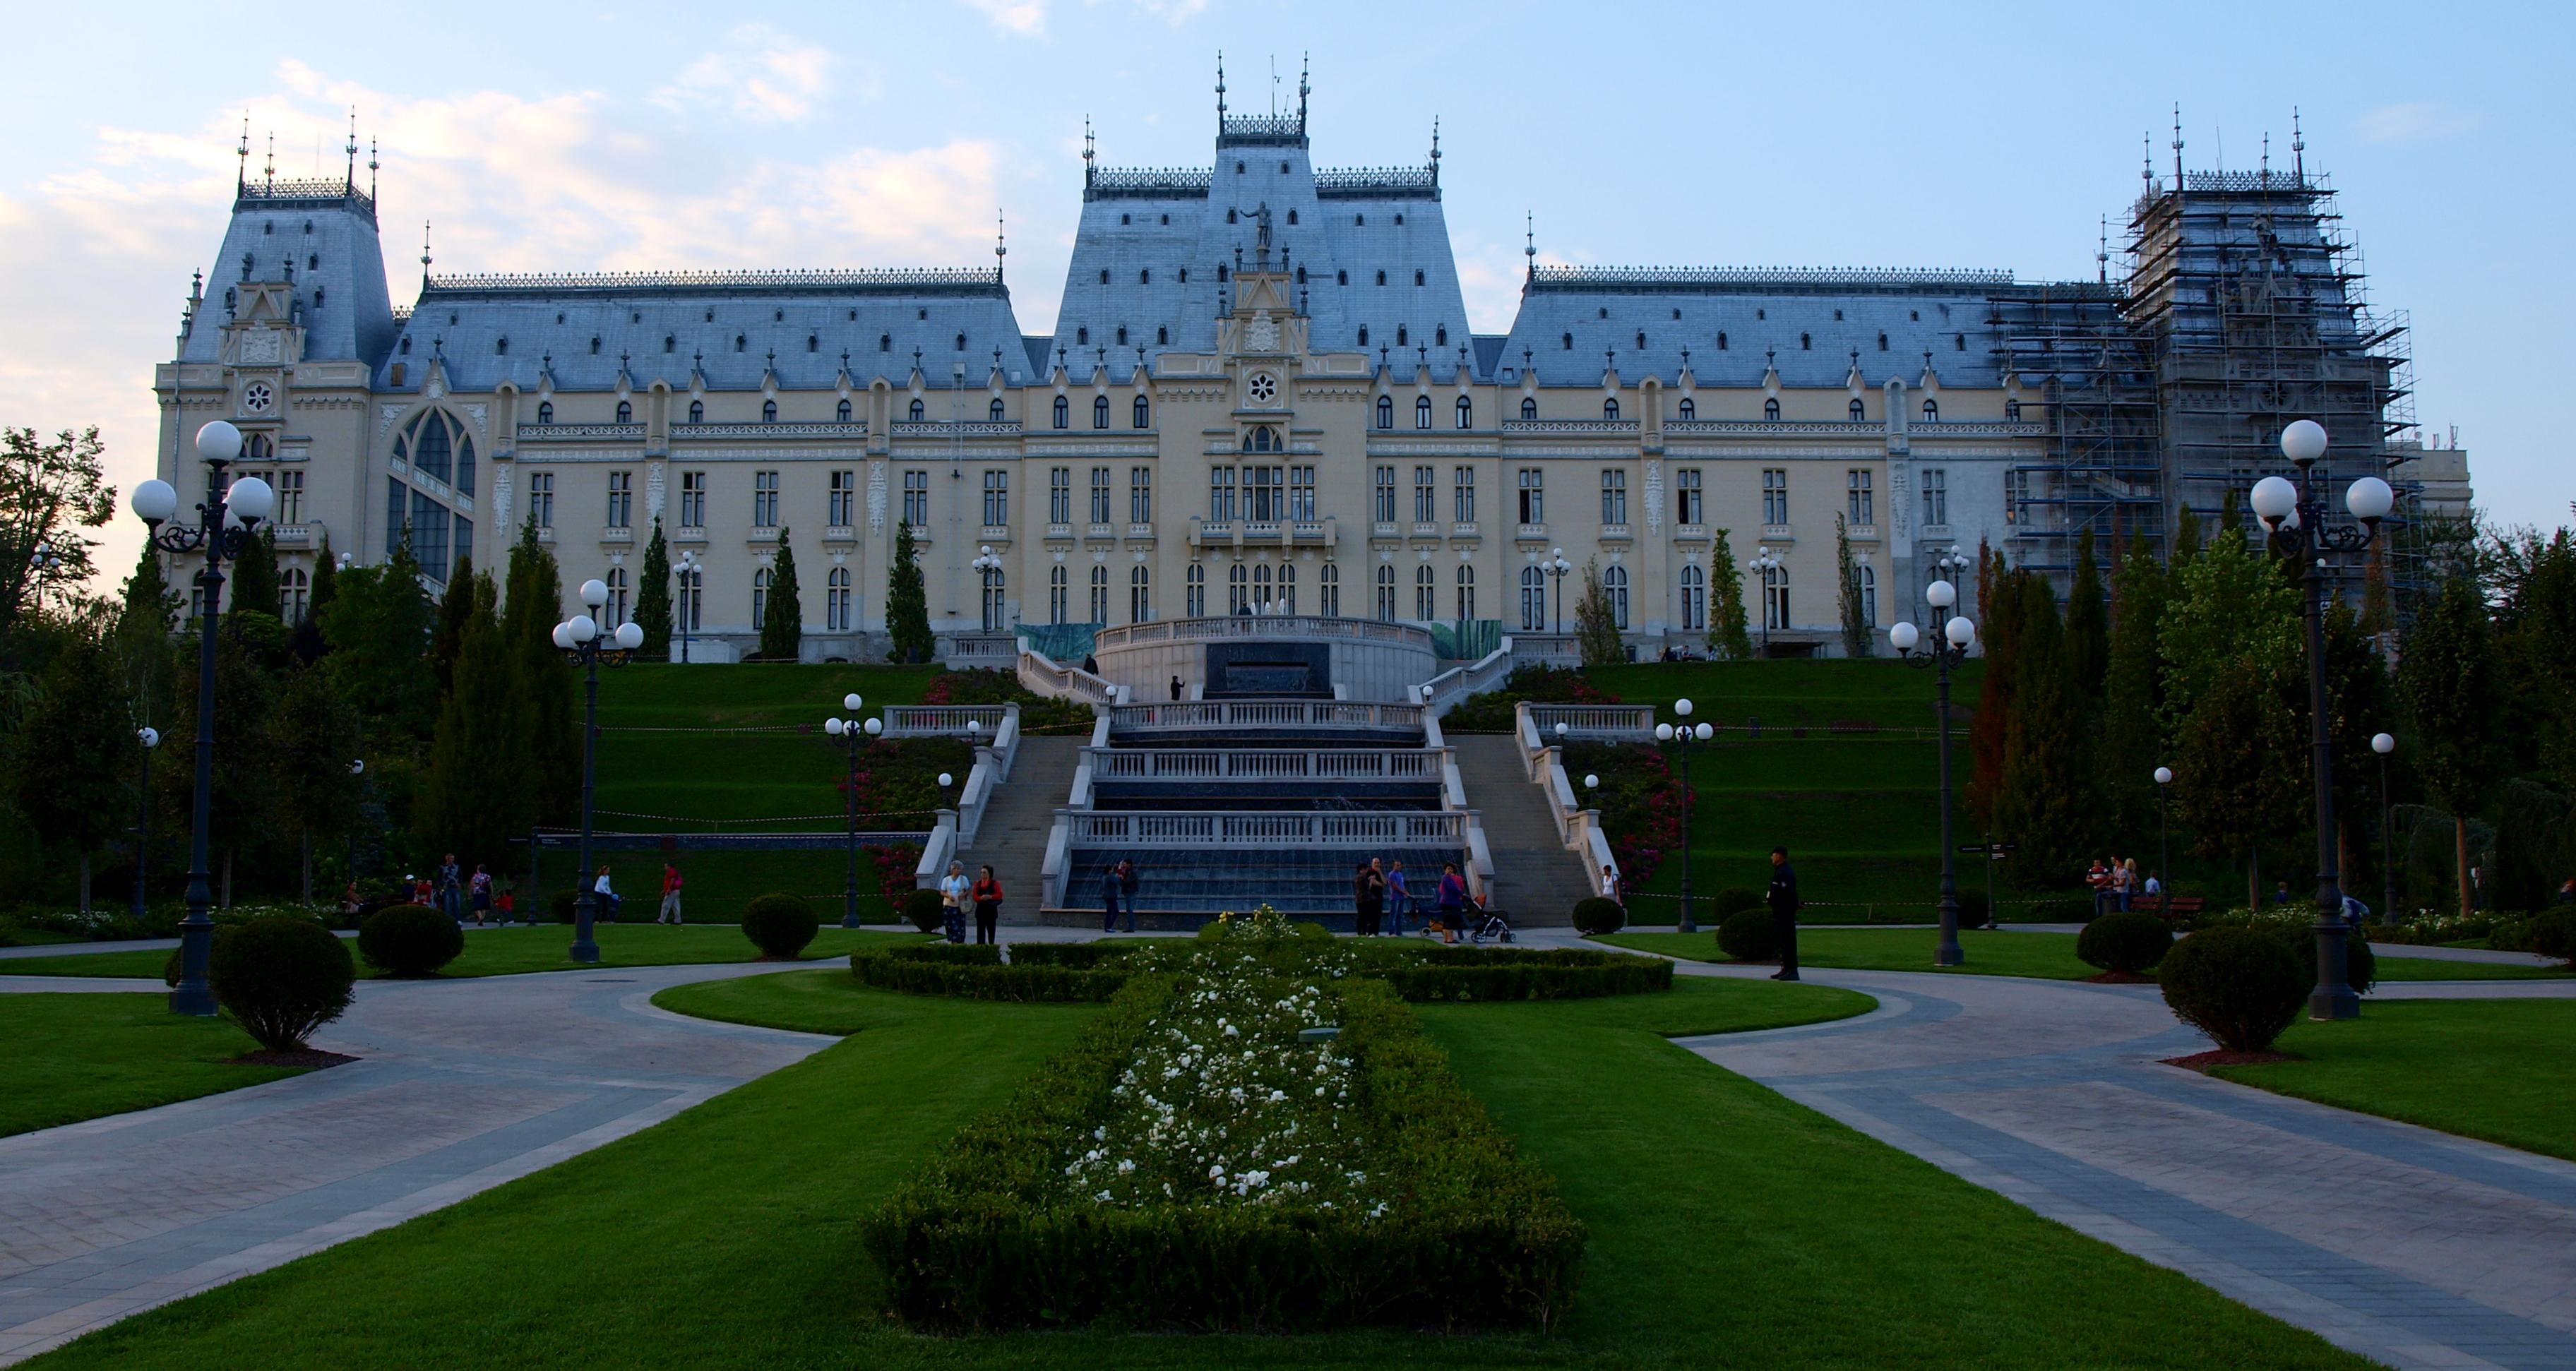 Iasi Romania  city photo : Palatul Culturii din Iasi / Palace of Culture Iasi, Romania